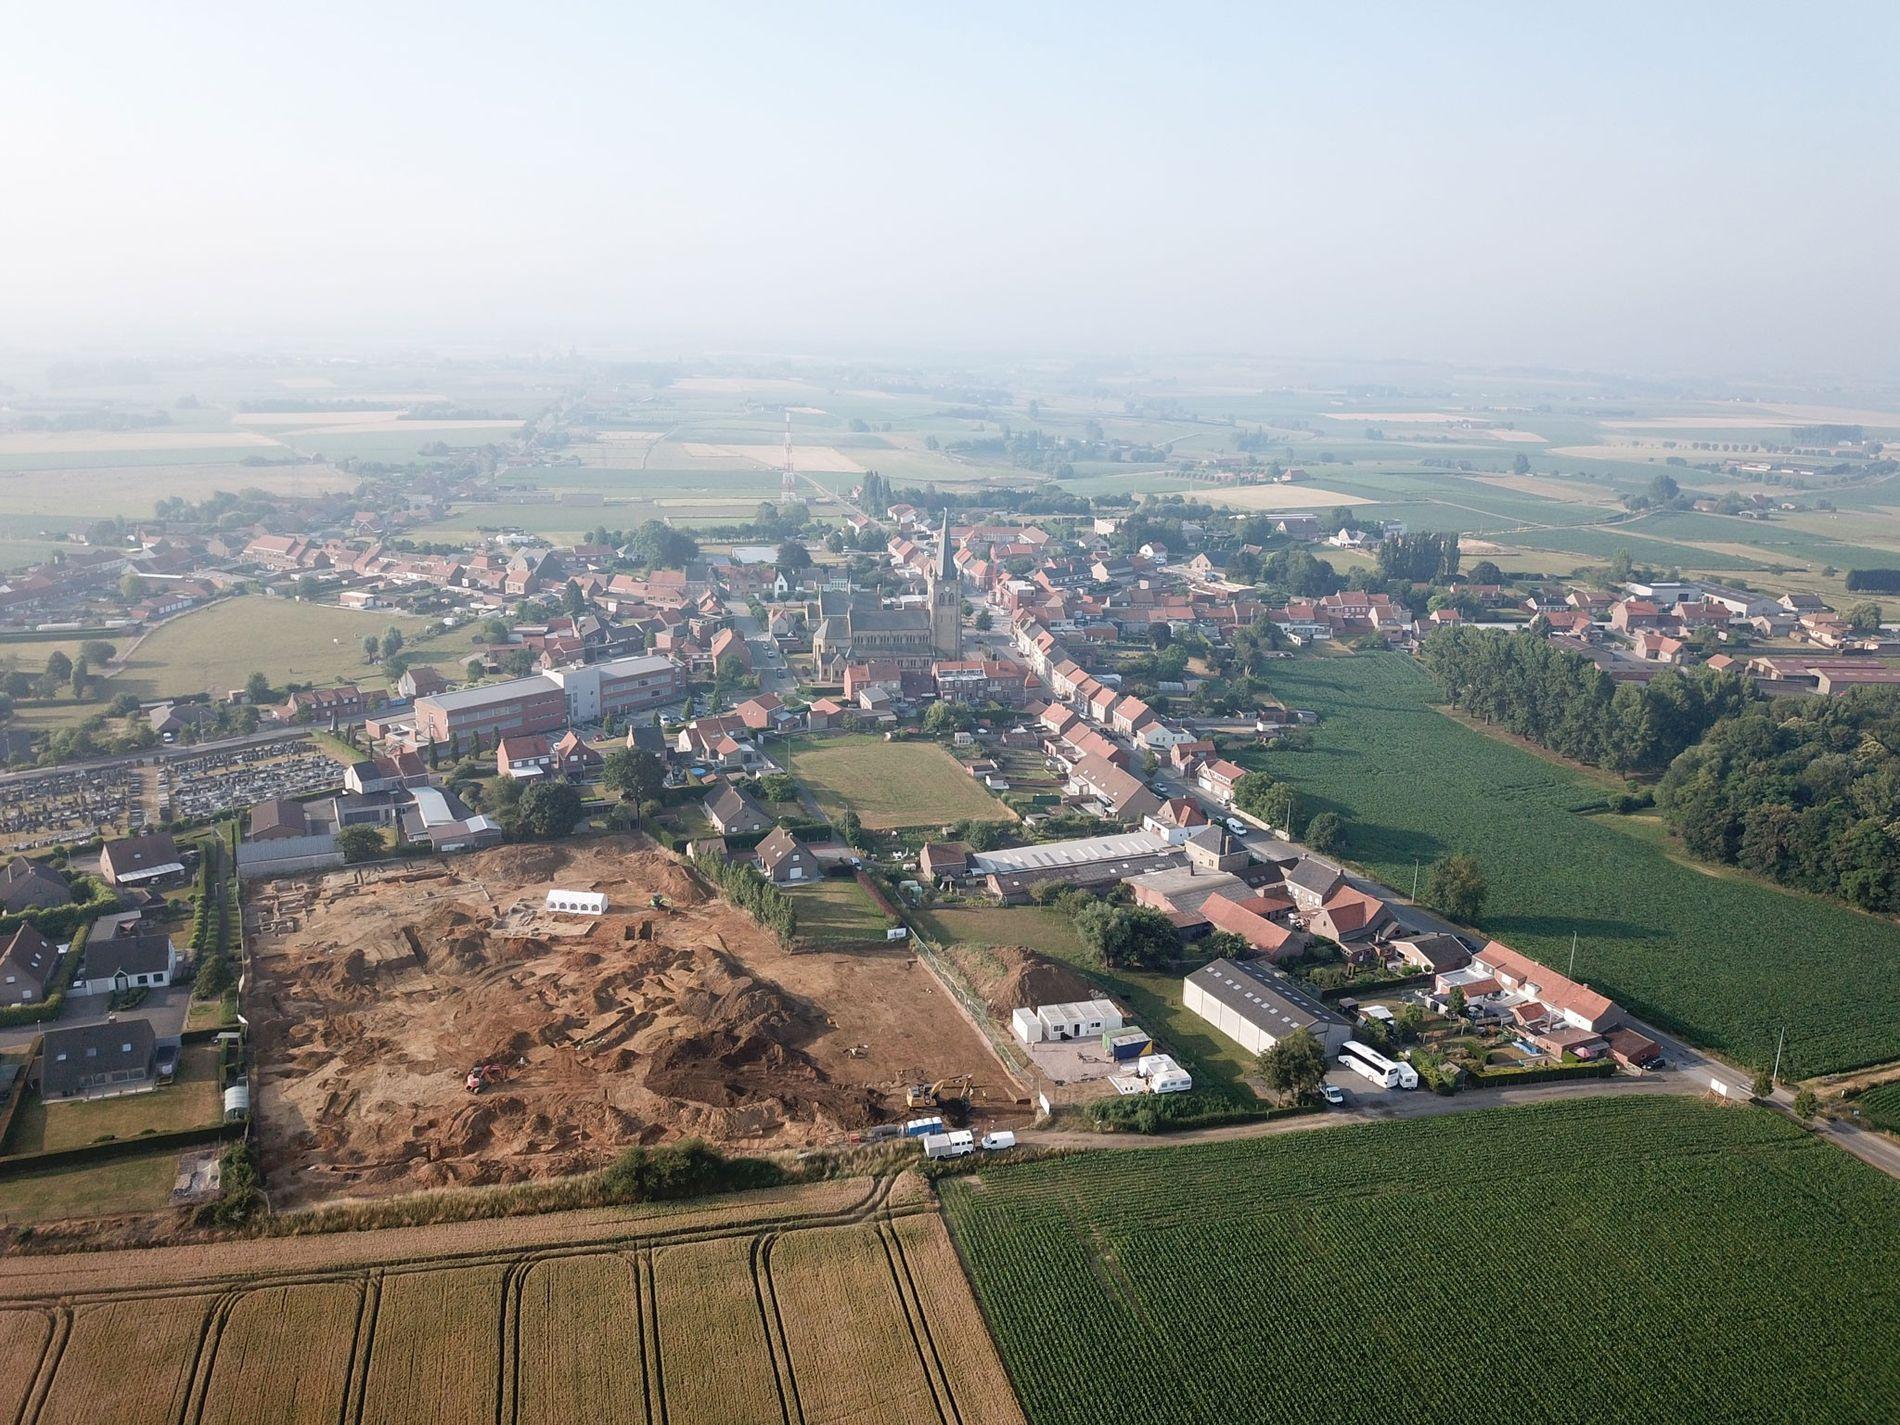 Uma vista aérea do local de escavação Dig Hill 80, com a cidade de Wijtschate em ...